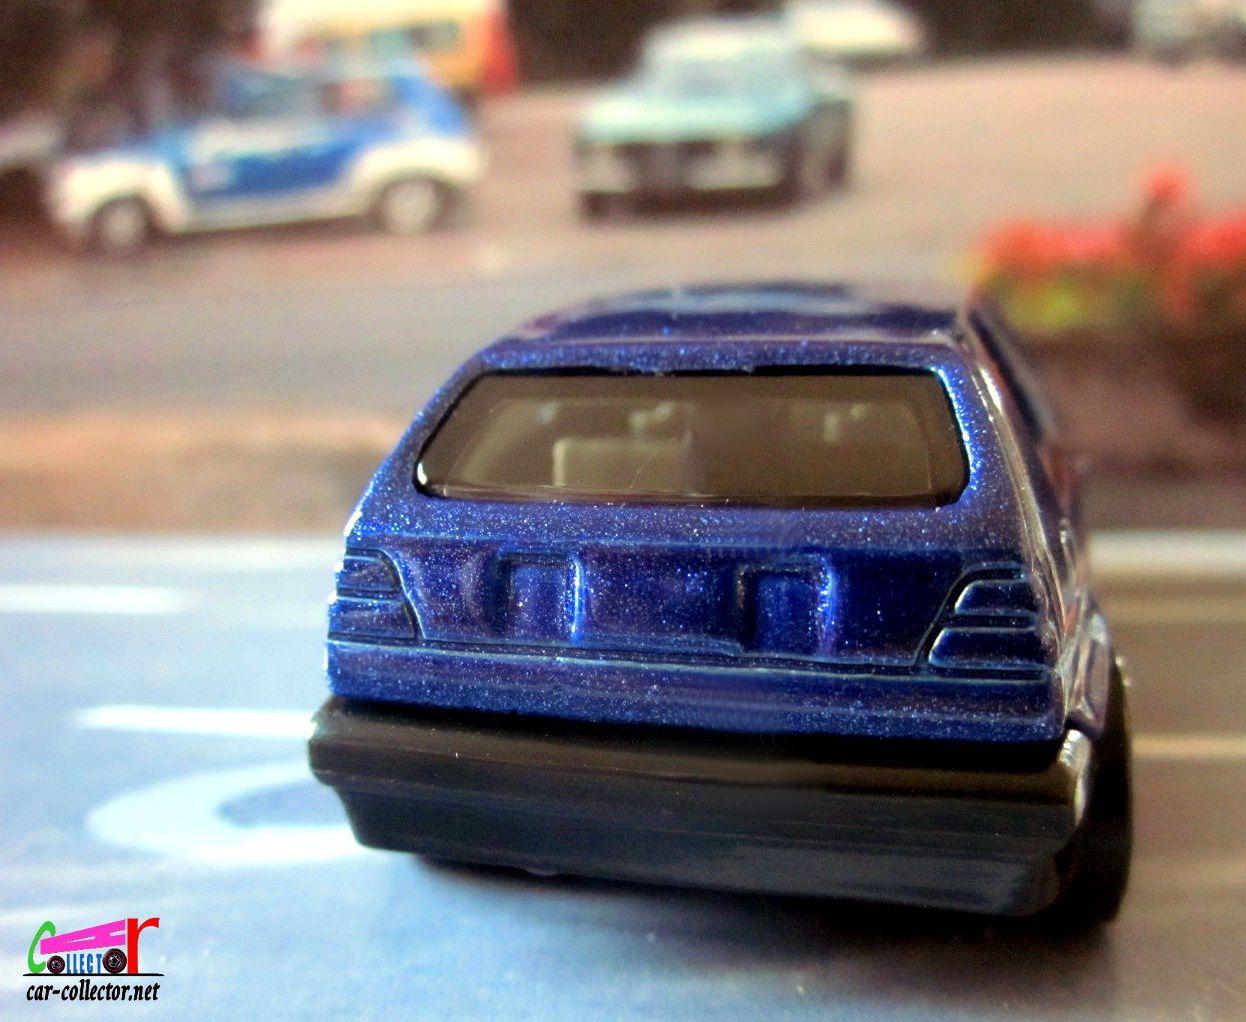 VW GOLF MK2 HOT WHEELS 1/64 - VOLKSWAGEN GOLF MK2.